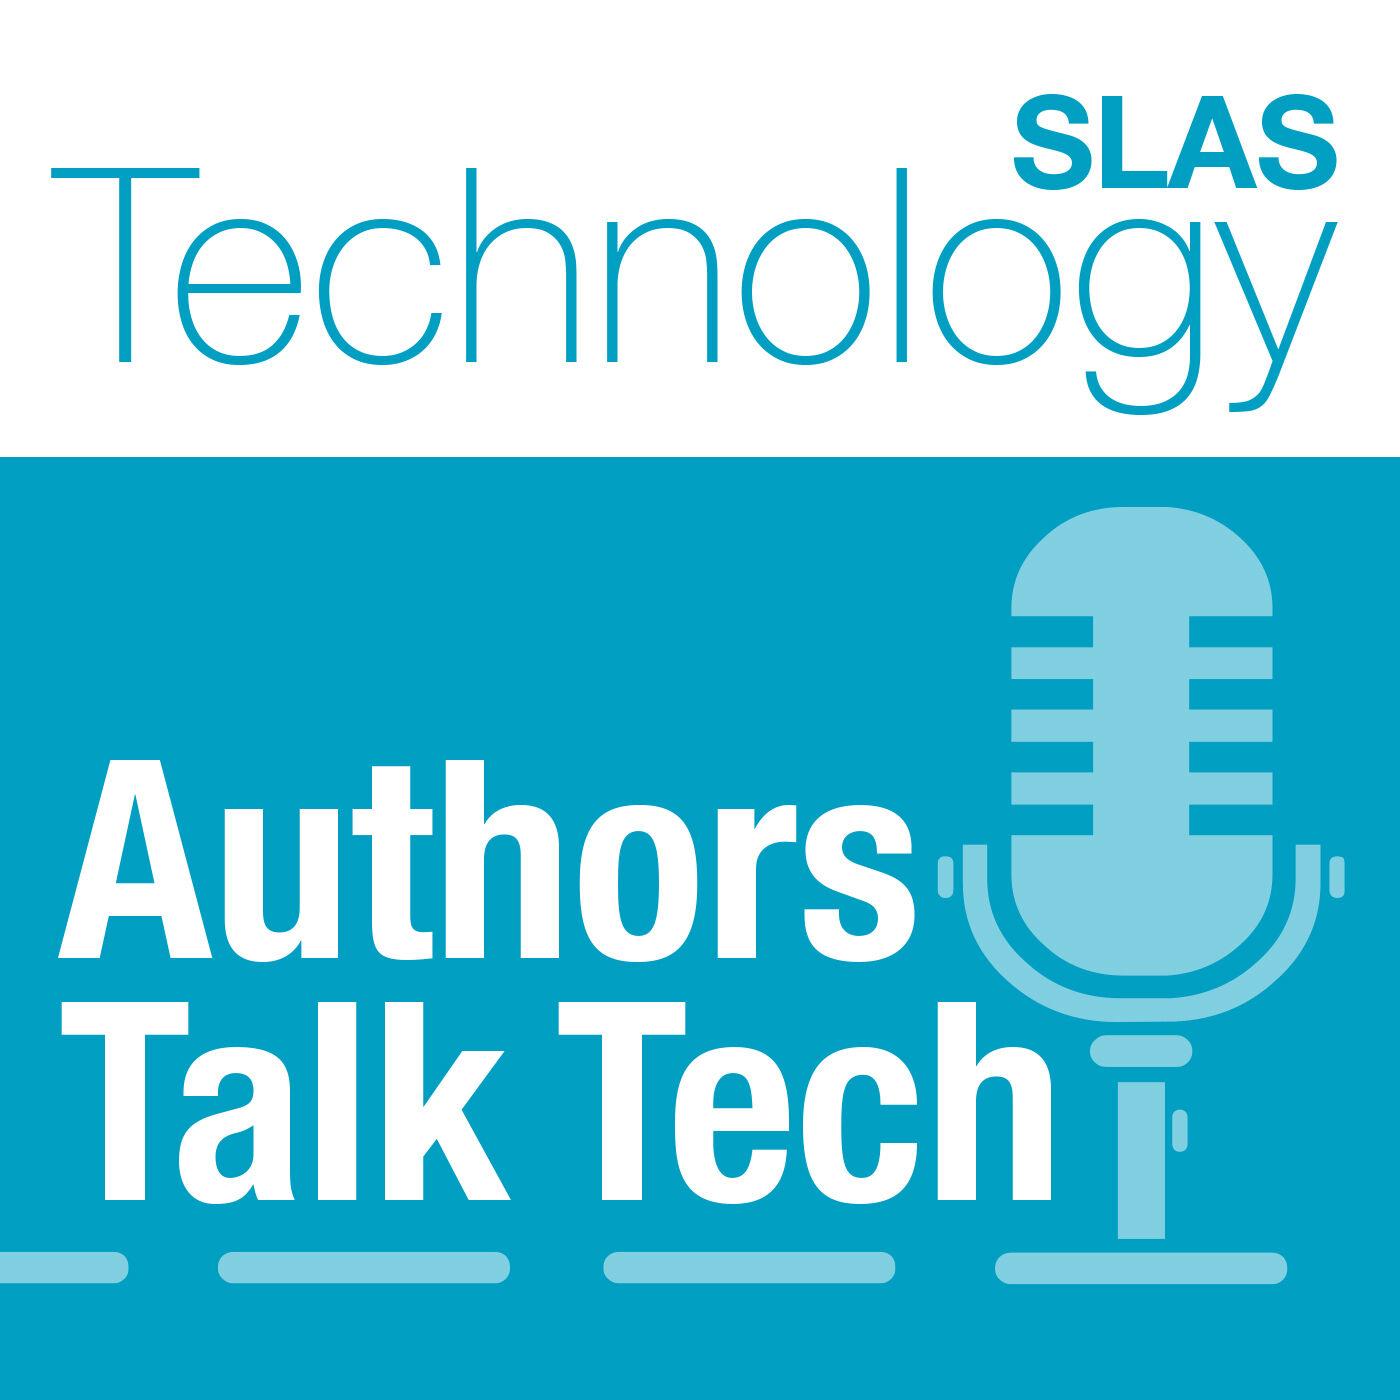 SLAS Technology Authors Talk Tech